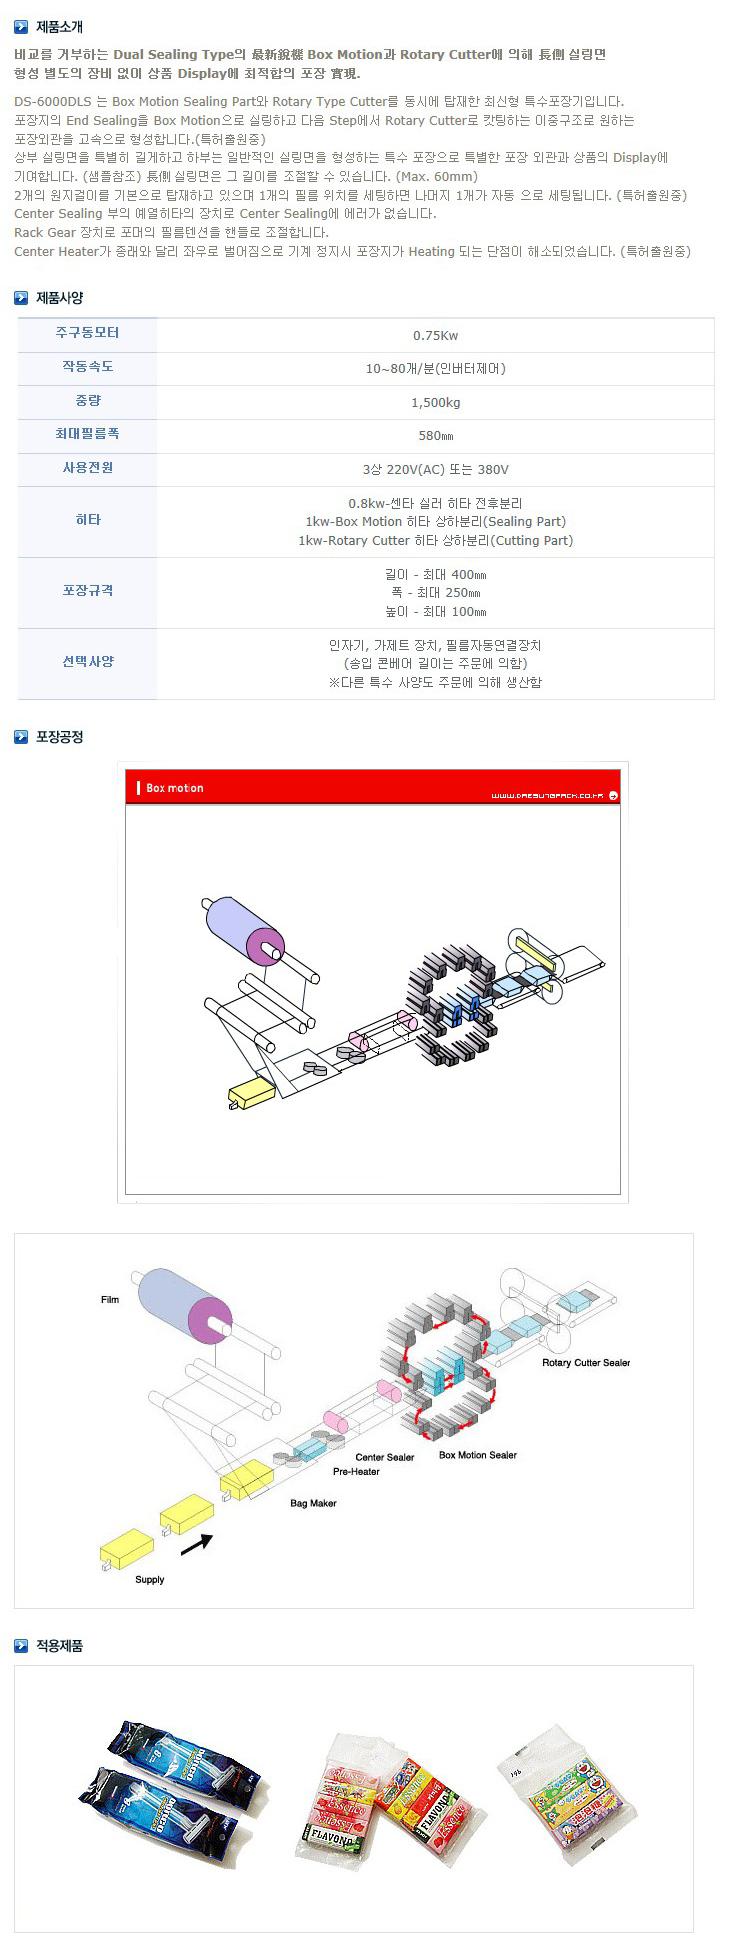 대성자동포장기계 수평형 삼면 자동포장기계 (이중실링) DS-6000DLS